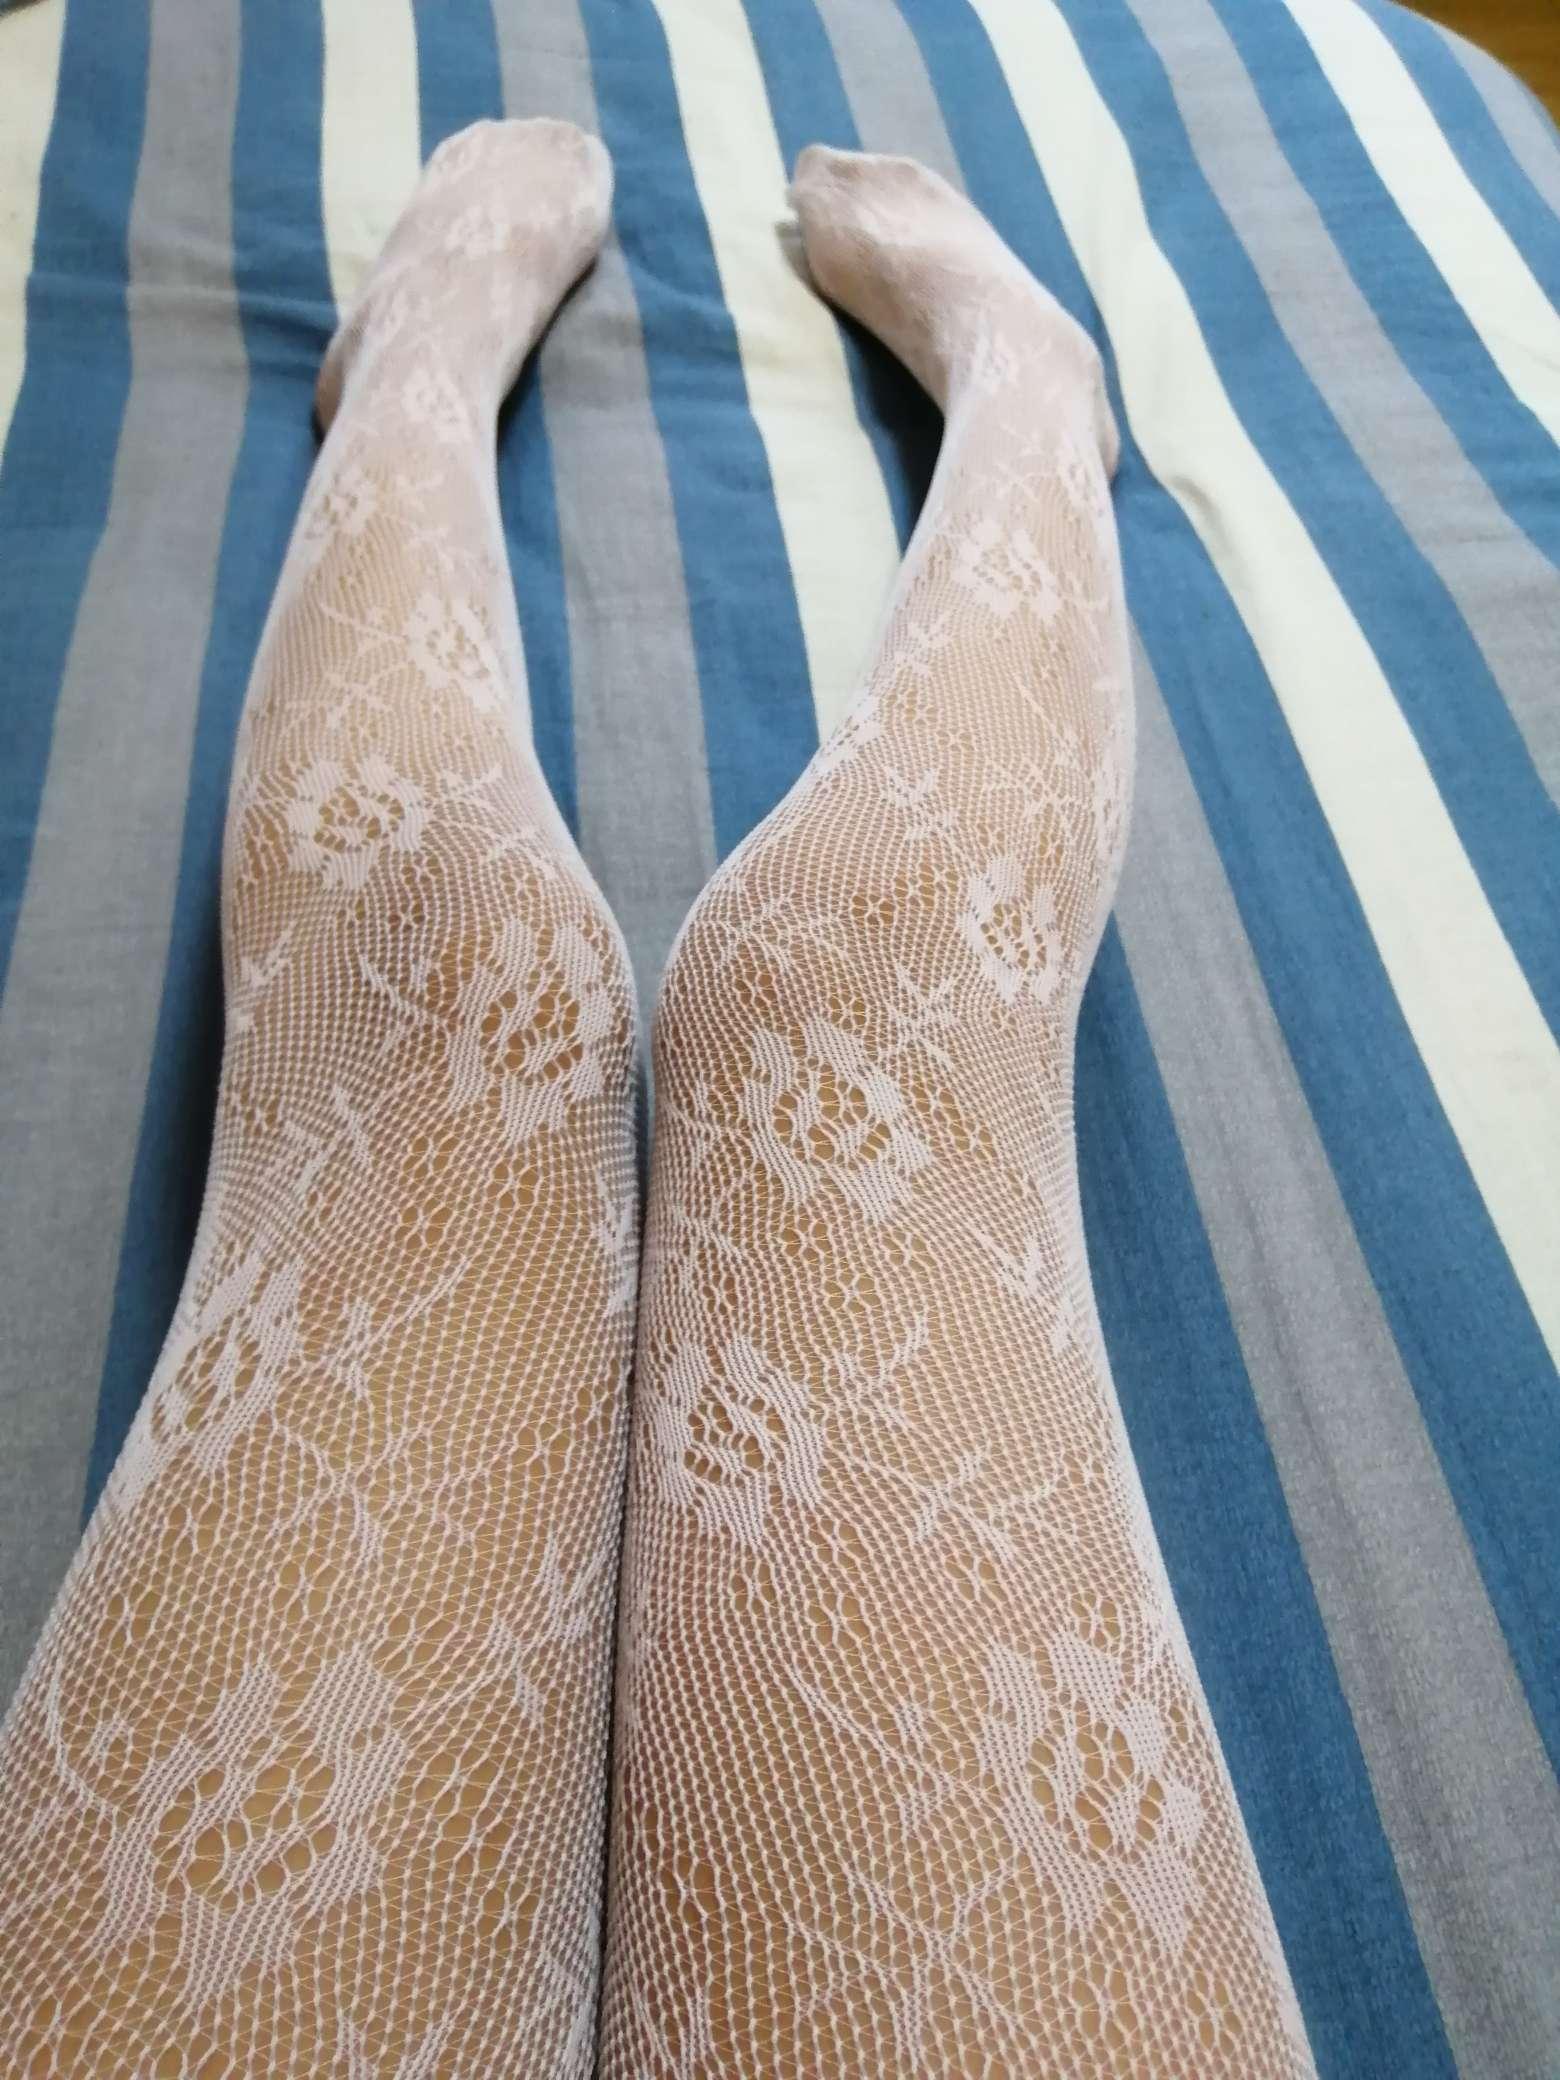 【原创渔网丝袜】这就是yyds嘛?